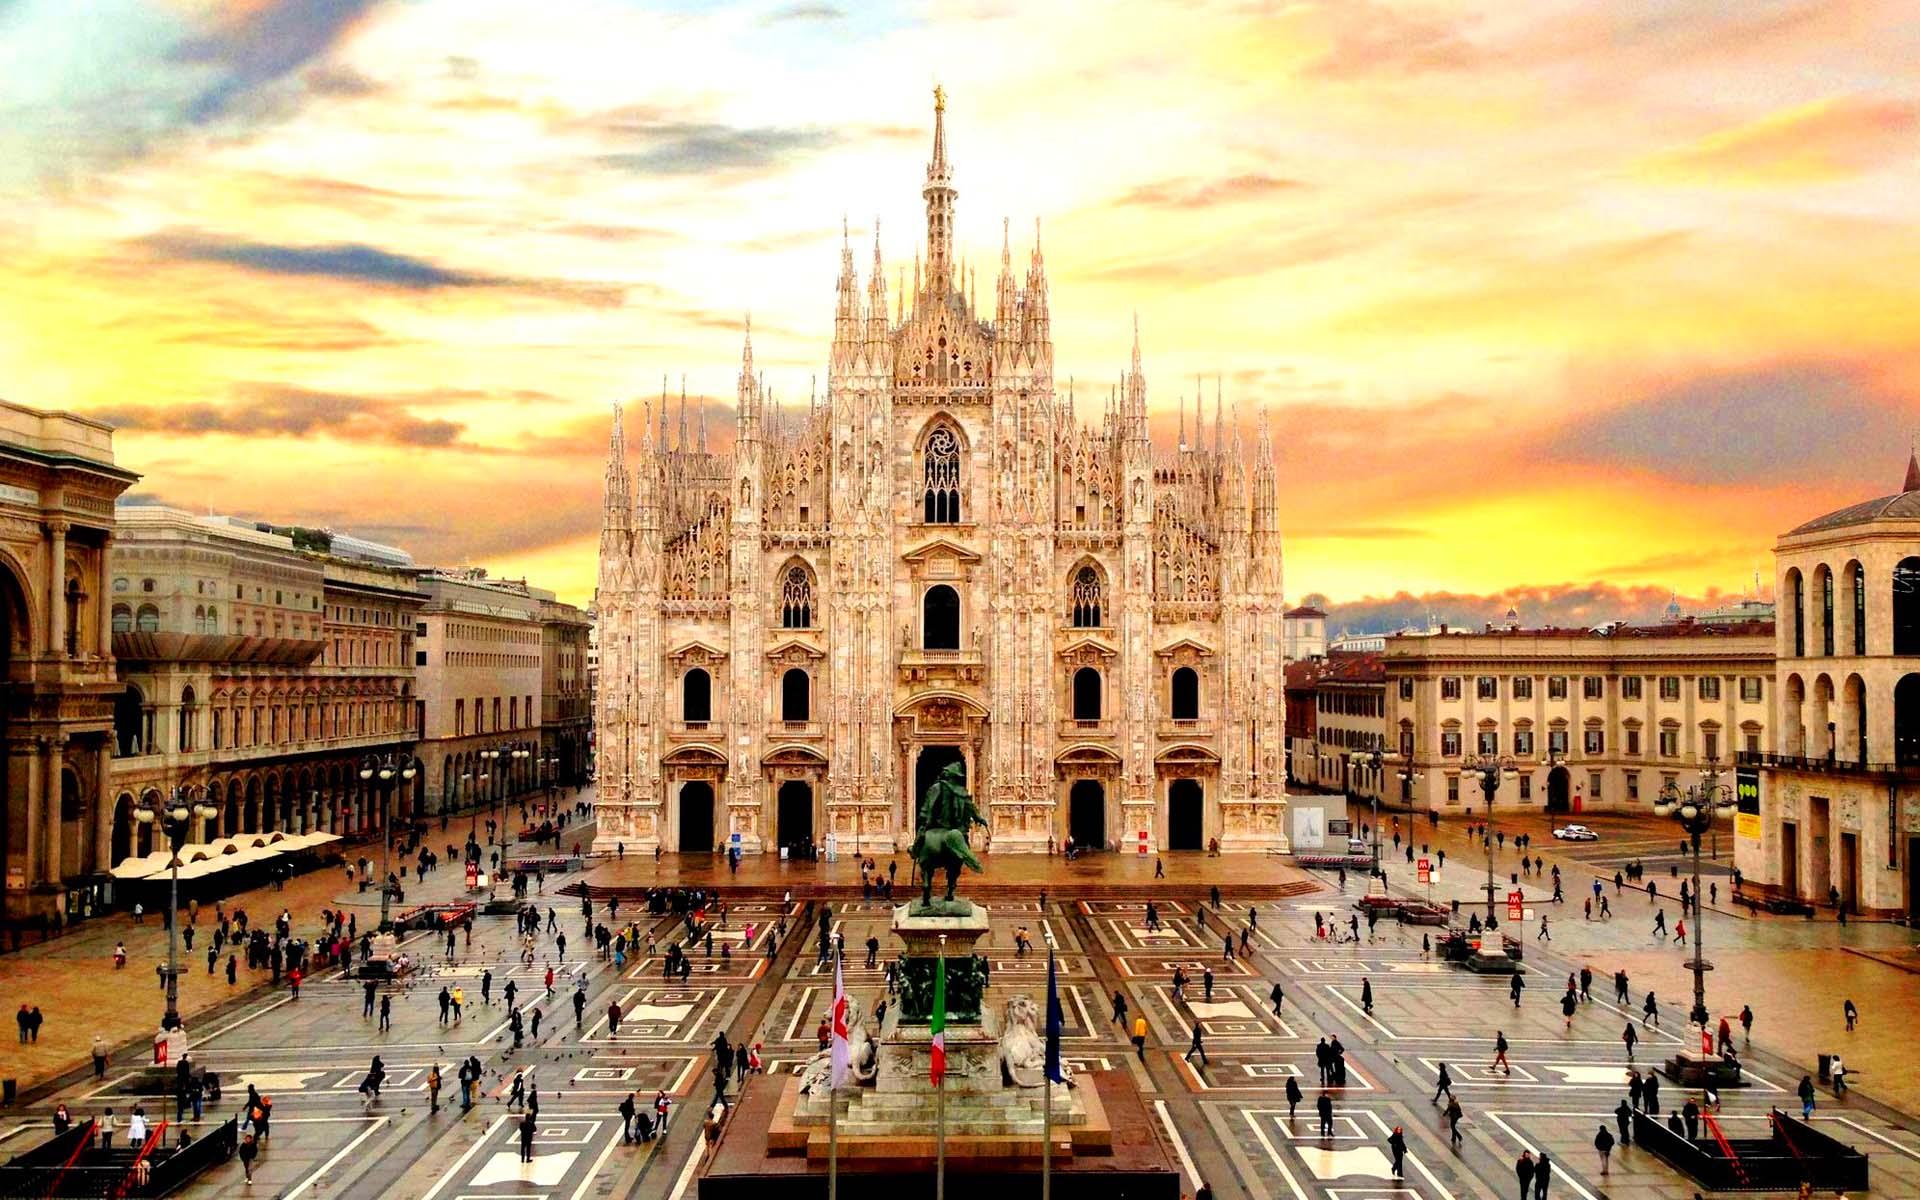 αρχιτεκτονική, Μιλάνο, Ιταλία